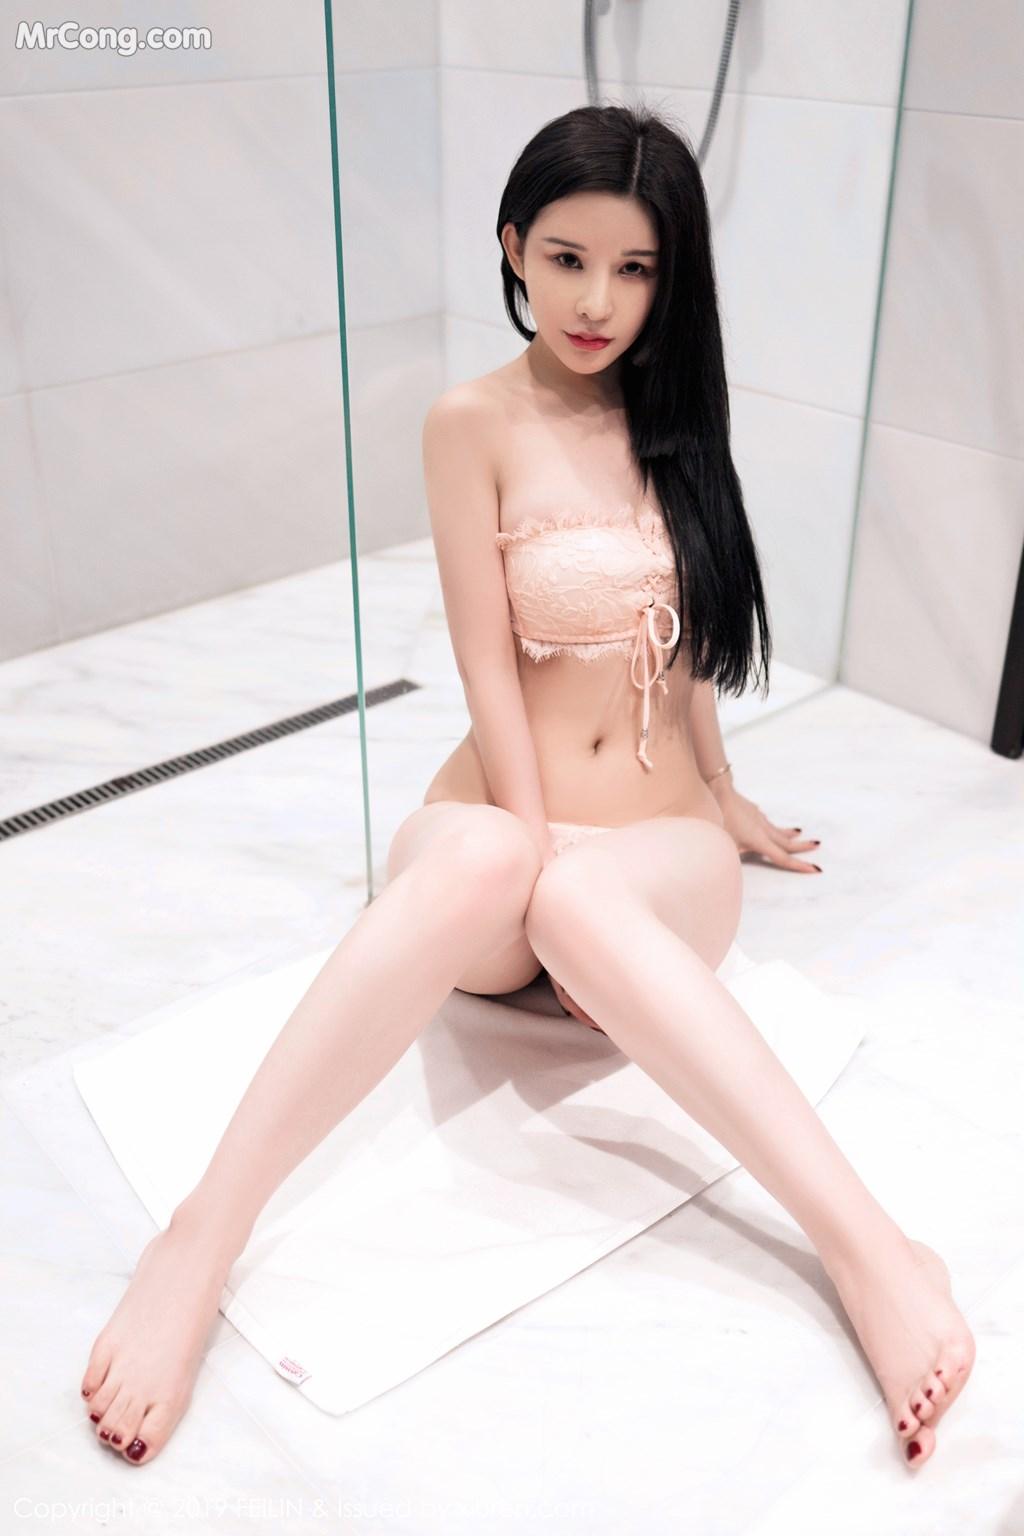 Image FEILIN-Vol.184-Zhang-Yu-Meng-MrCong.com-002 in post FEILIN Vol.184: Zhang Yu Meng (张雨萌) (41 ảnh)